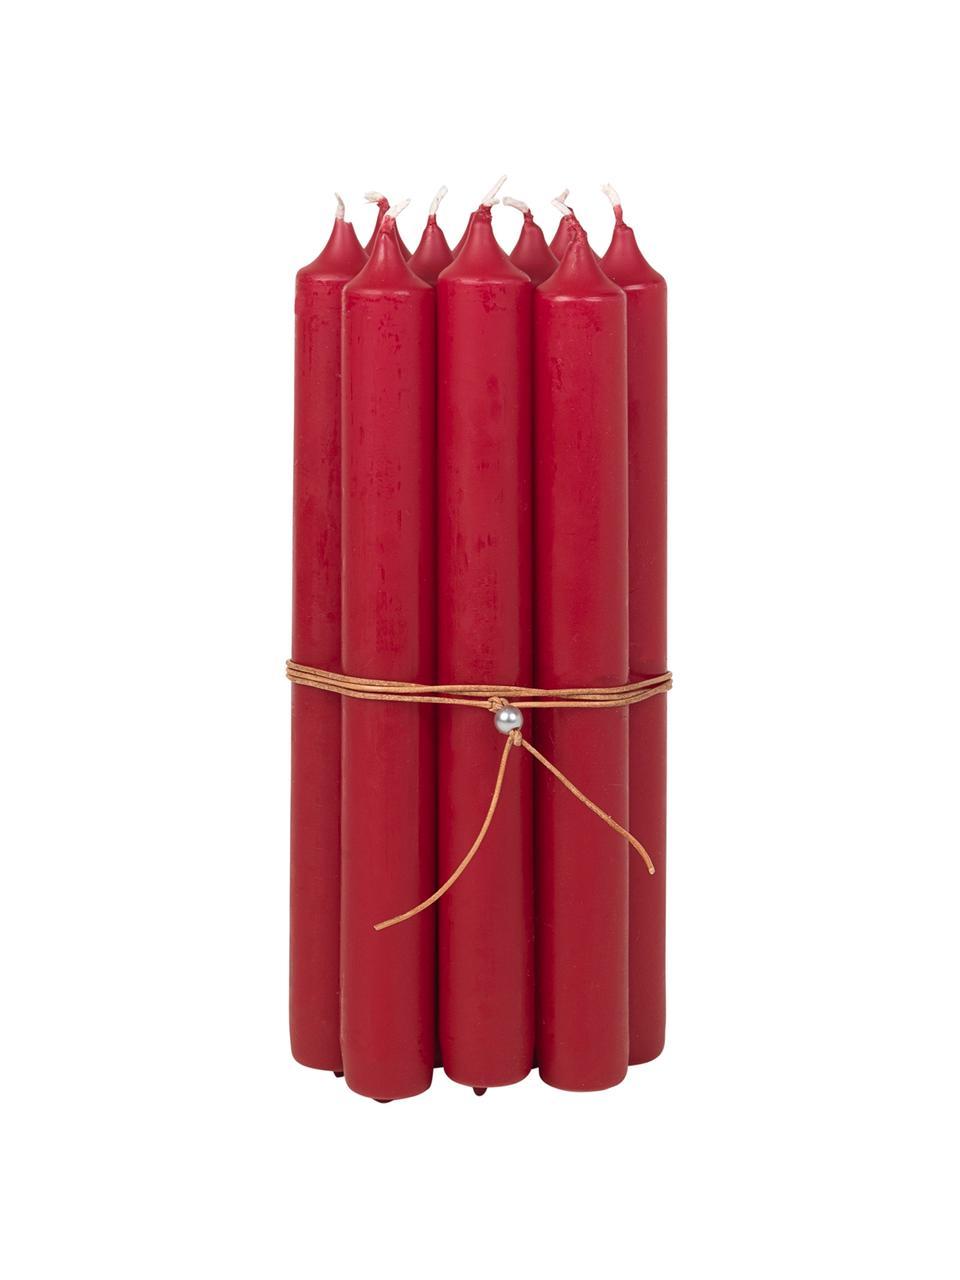 Świeca stołowa Classic, 10 szt., Parafina, Czerwony, Ø 2 x W 19 cm